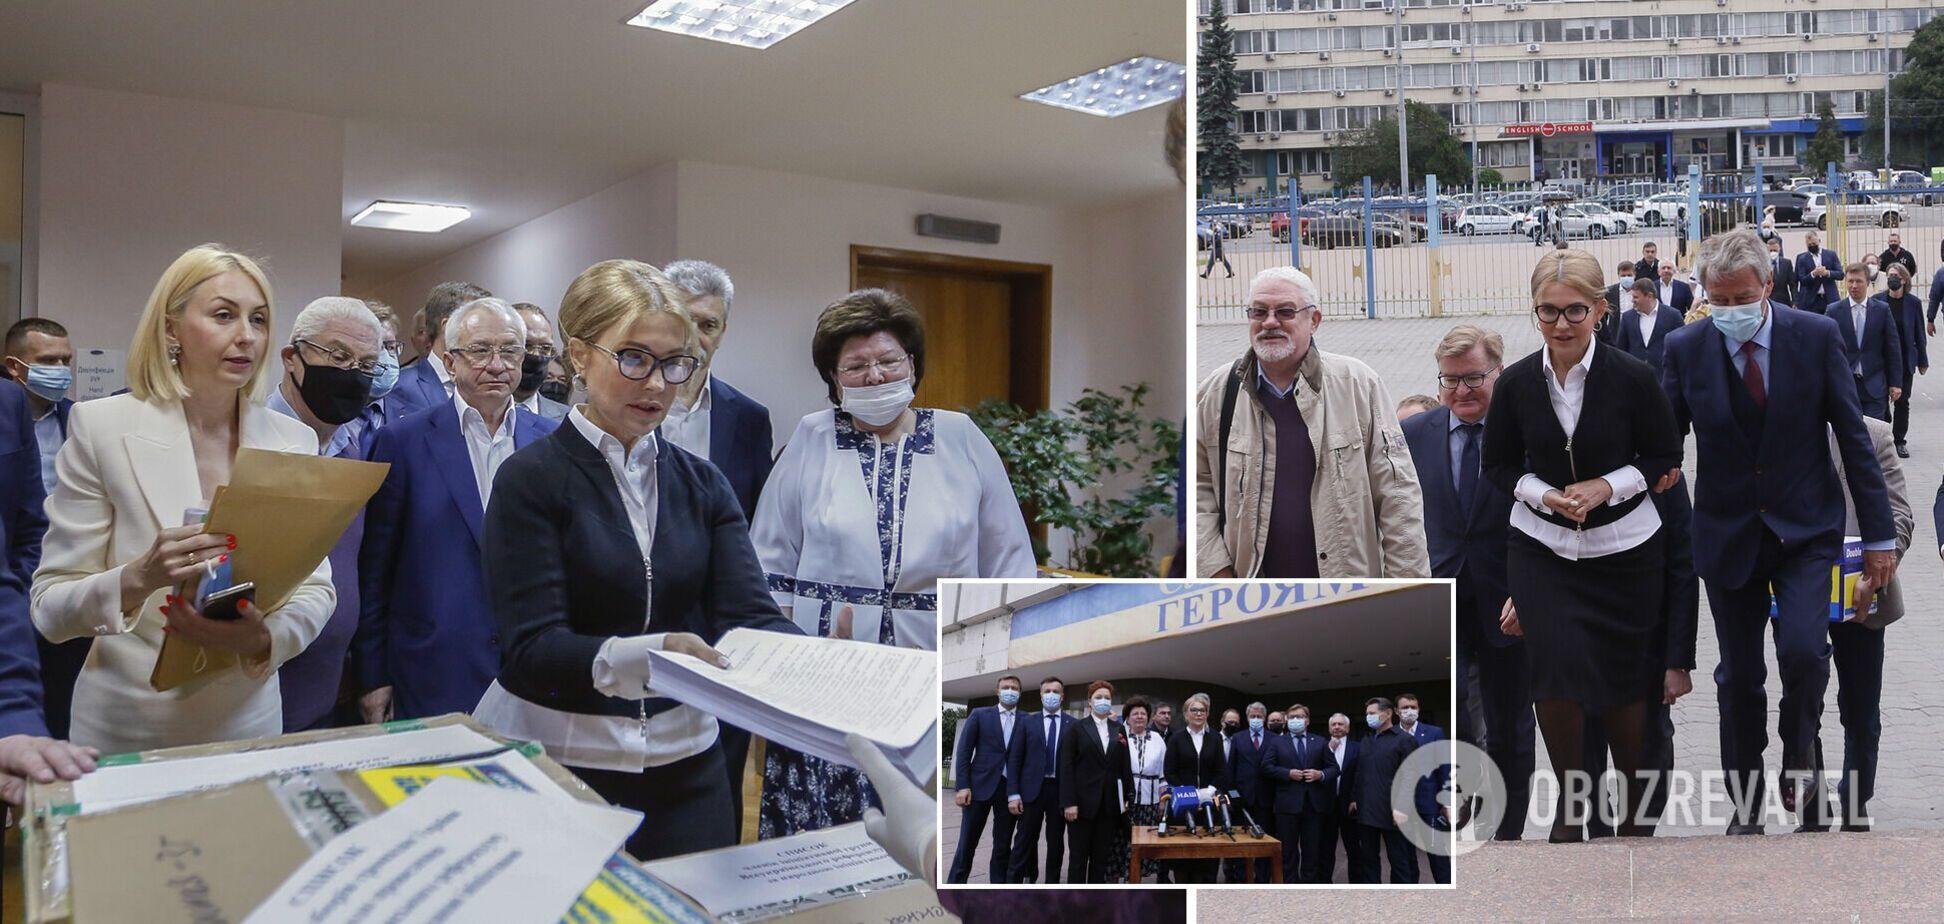 Тимошенко с фермерами и аграриями подала в ЦИК документы для проведения земельного референдума